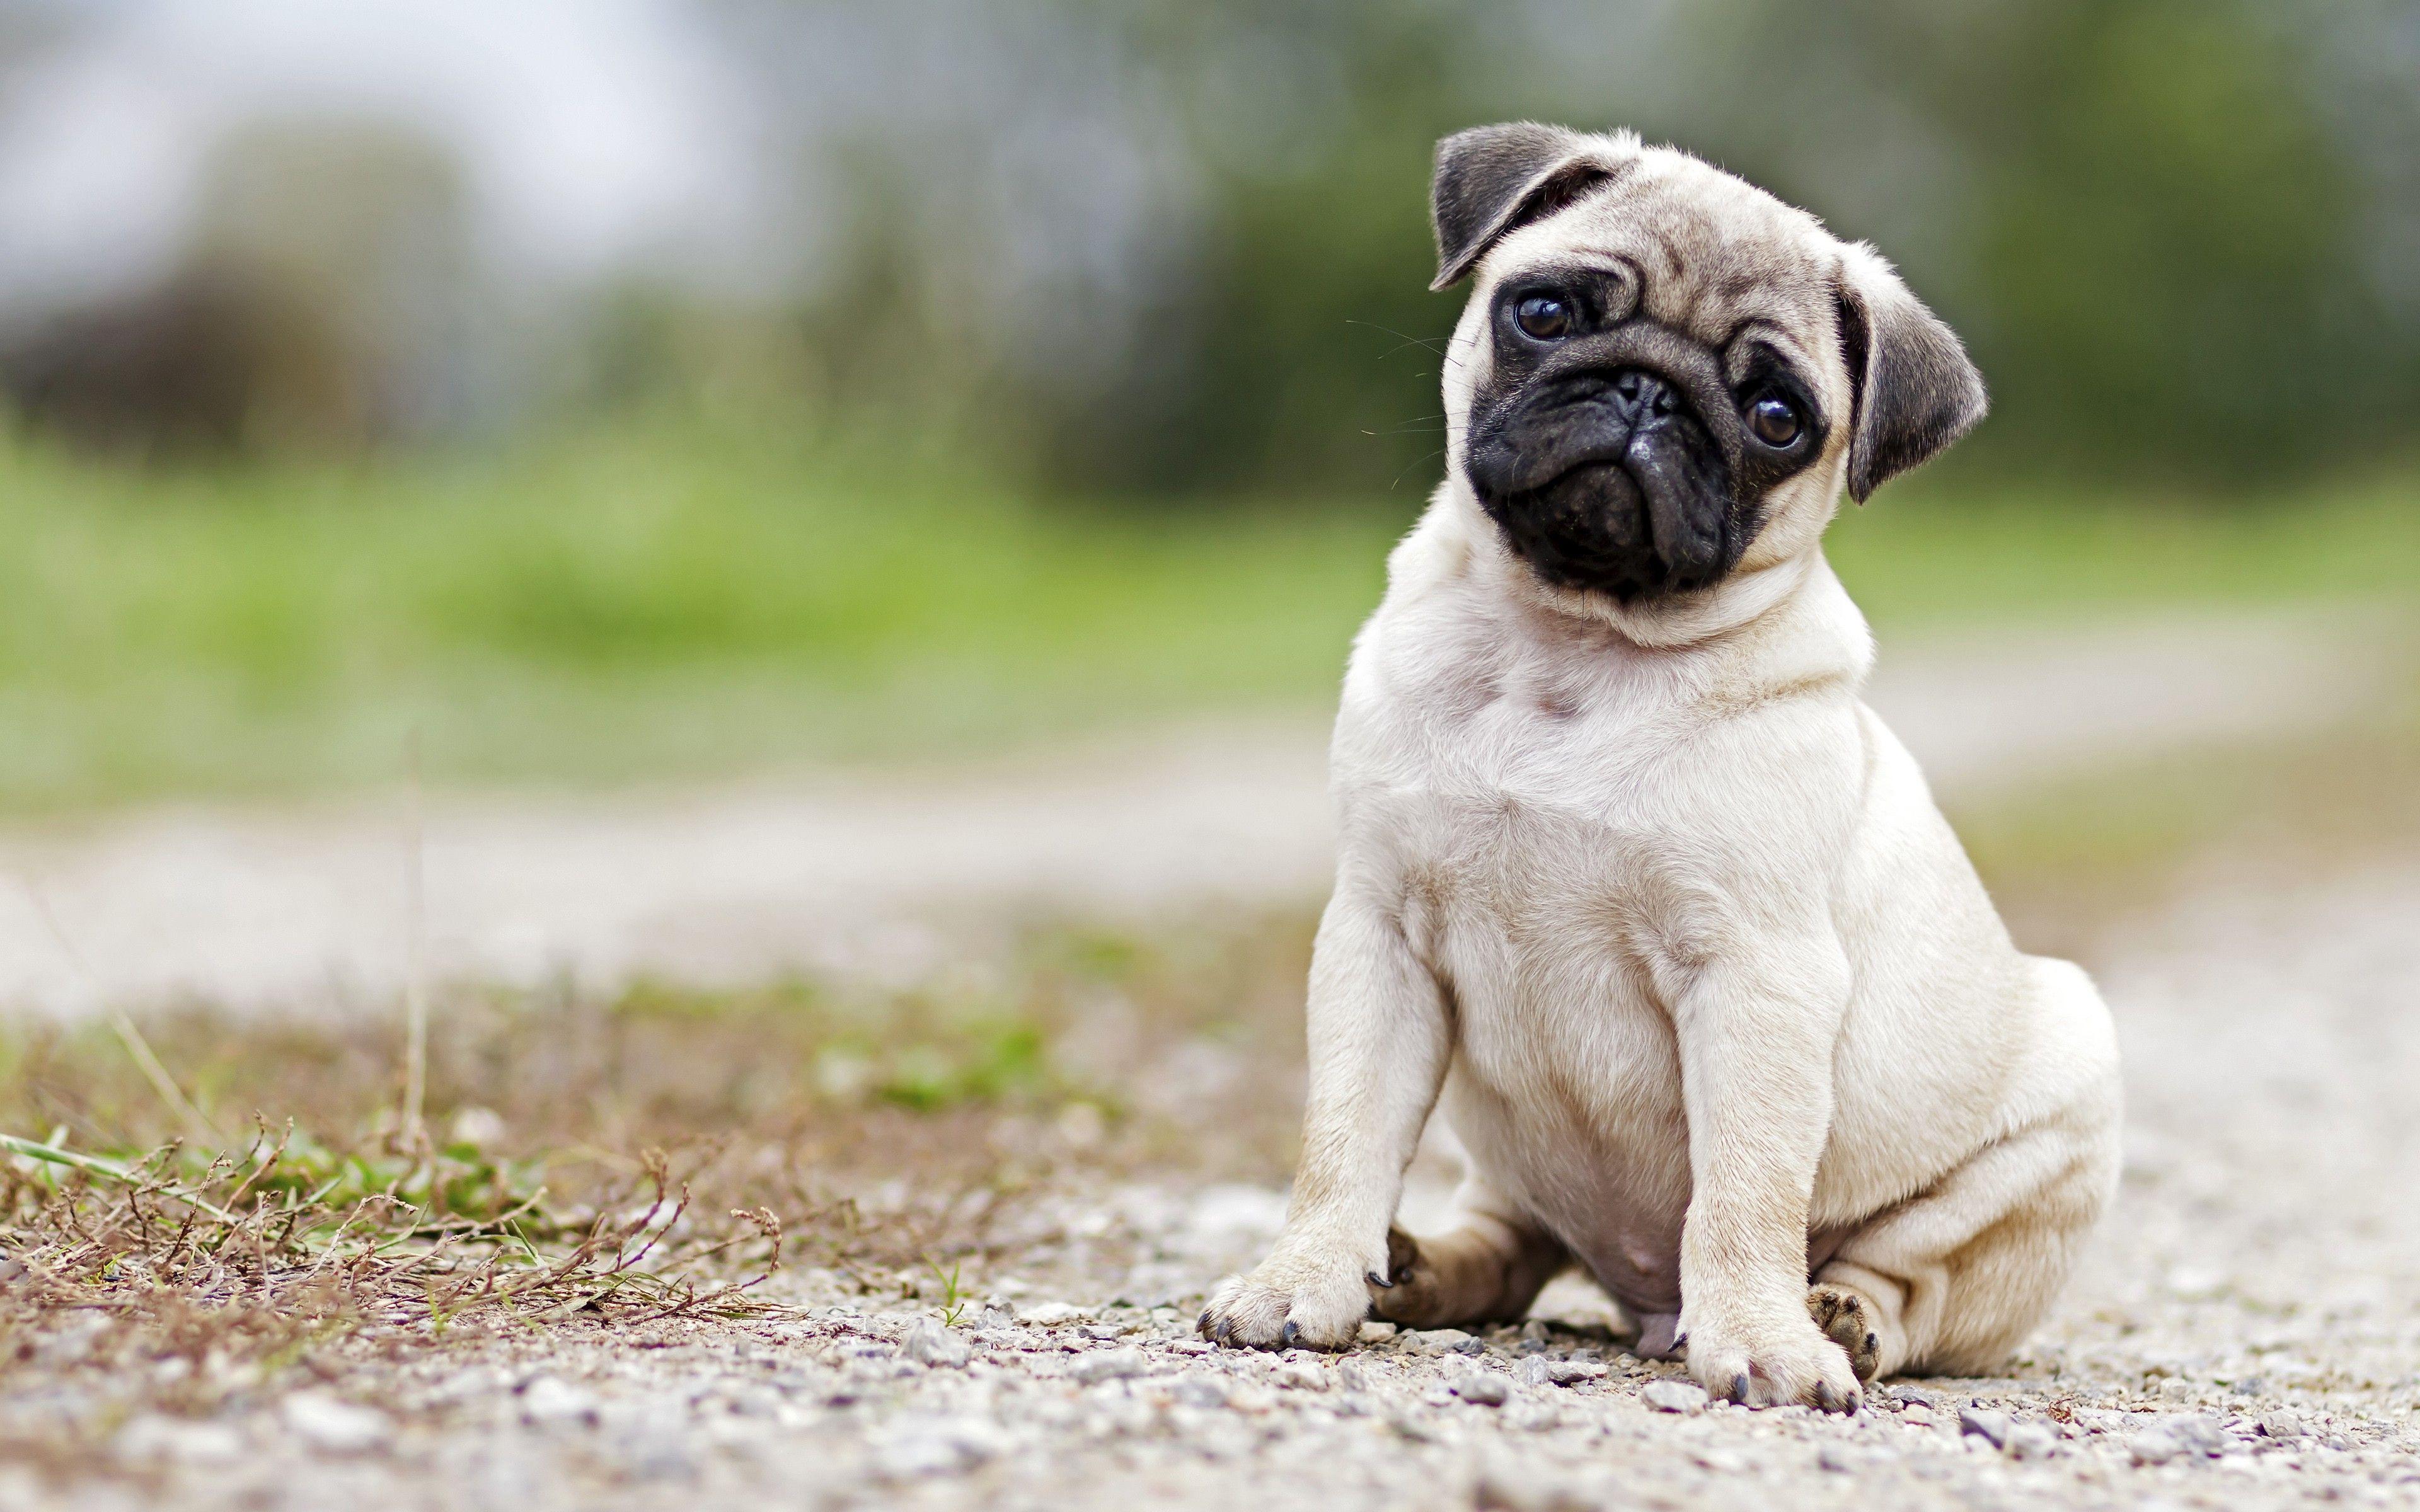 Pug Dog Hd Images Free Download Vinnyoleo Vegetalinfo